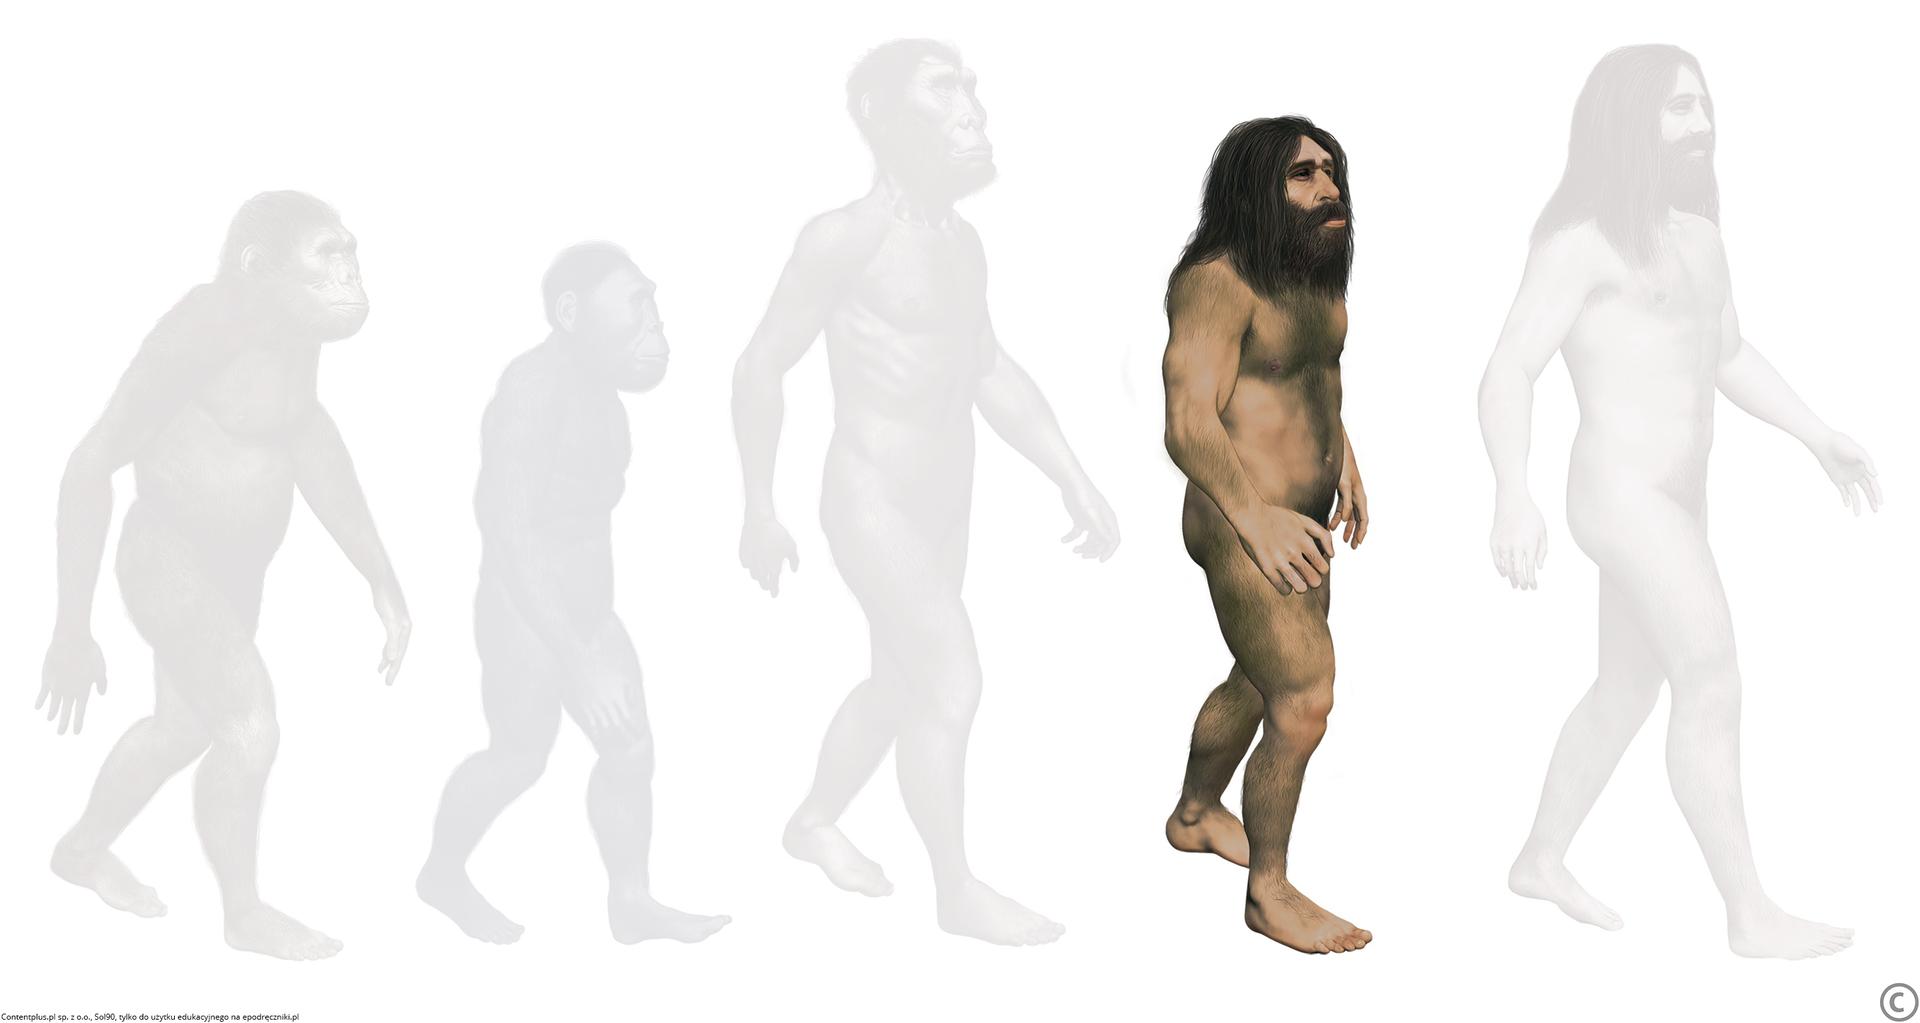 Homo neanderthalensis Homo neanderthalensis Źródło: Contentplus.pl sp. zo.o., Sol90, tylko do użytku edukacyjnego na epodreczniki.pl.